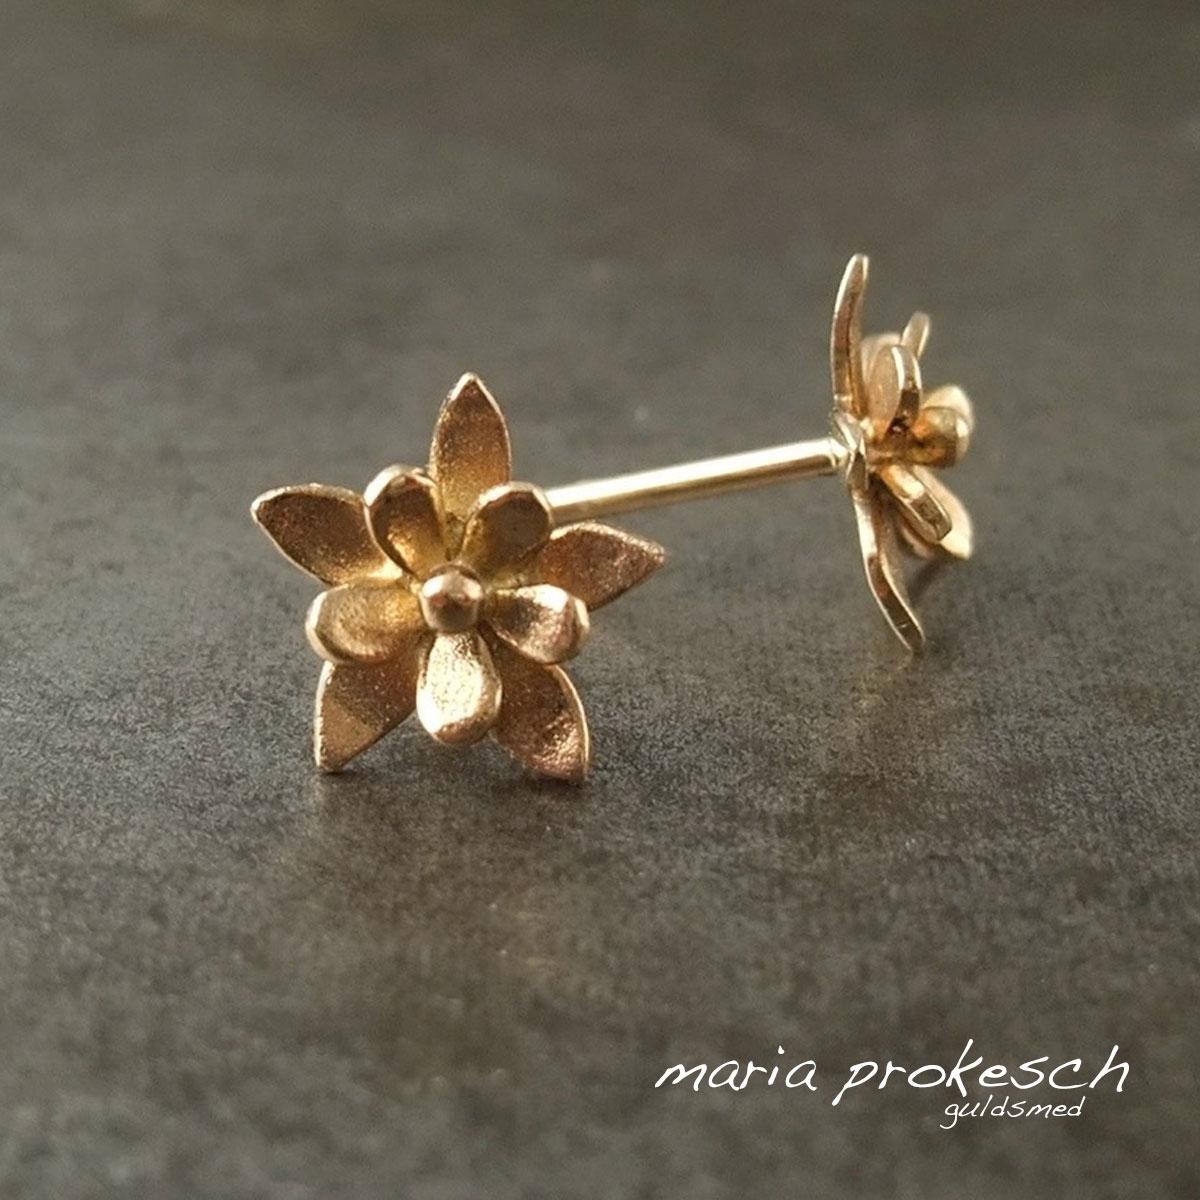 Blomster ørestikker, dobbelte, i 18 kt guld med fine detaljer. Som morgengave eller gave til hende